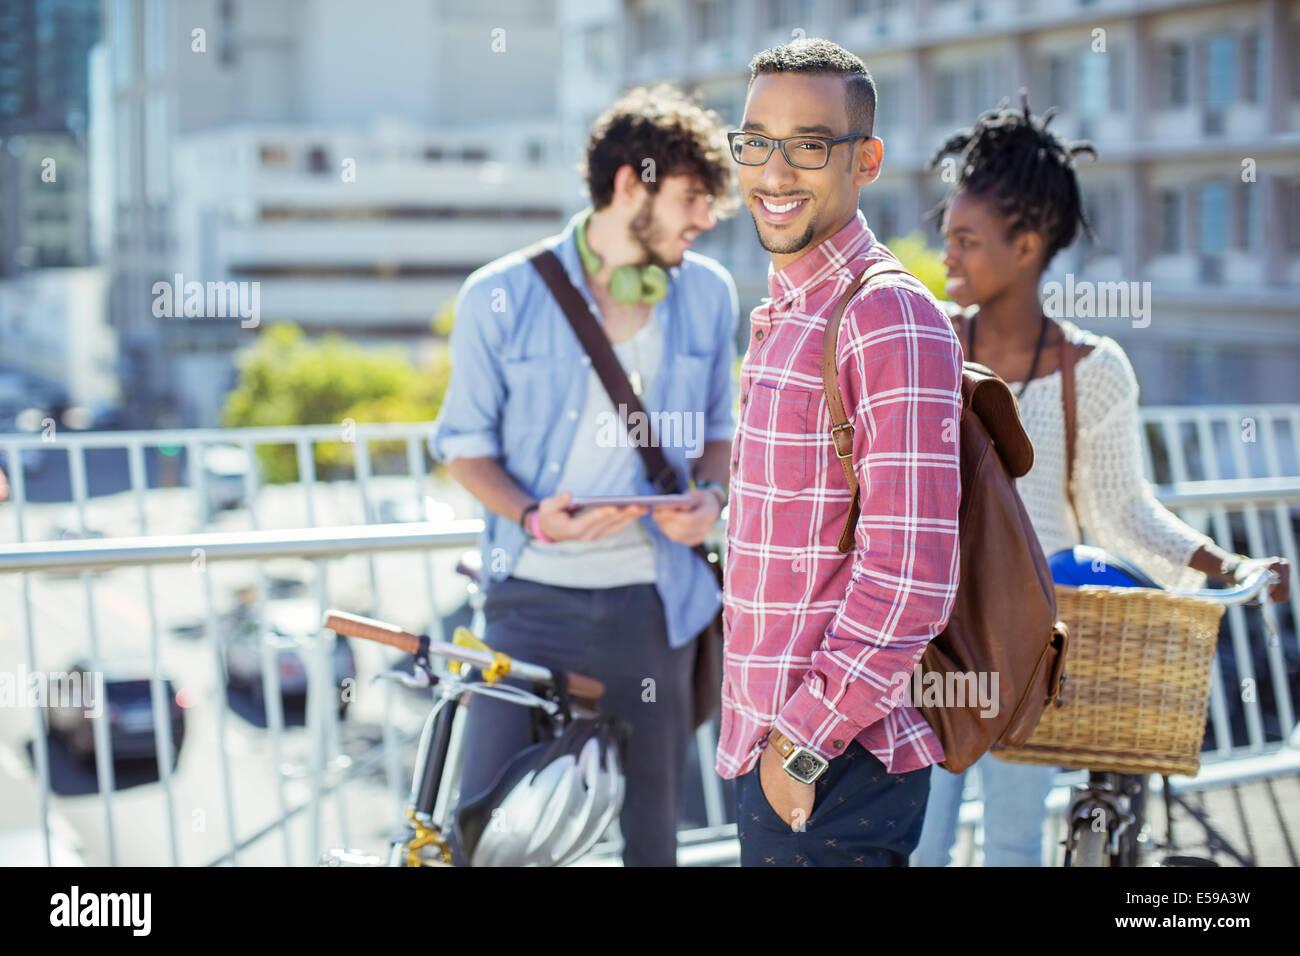 Hombre sonriente en las calles de la ciudad Imagen De Stock